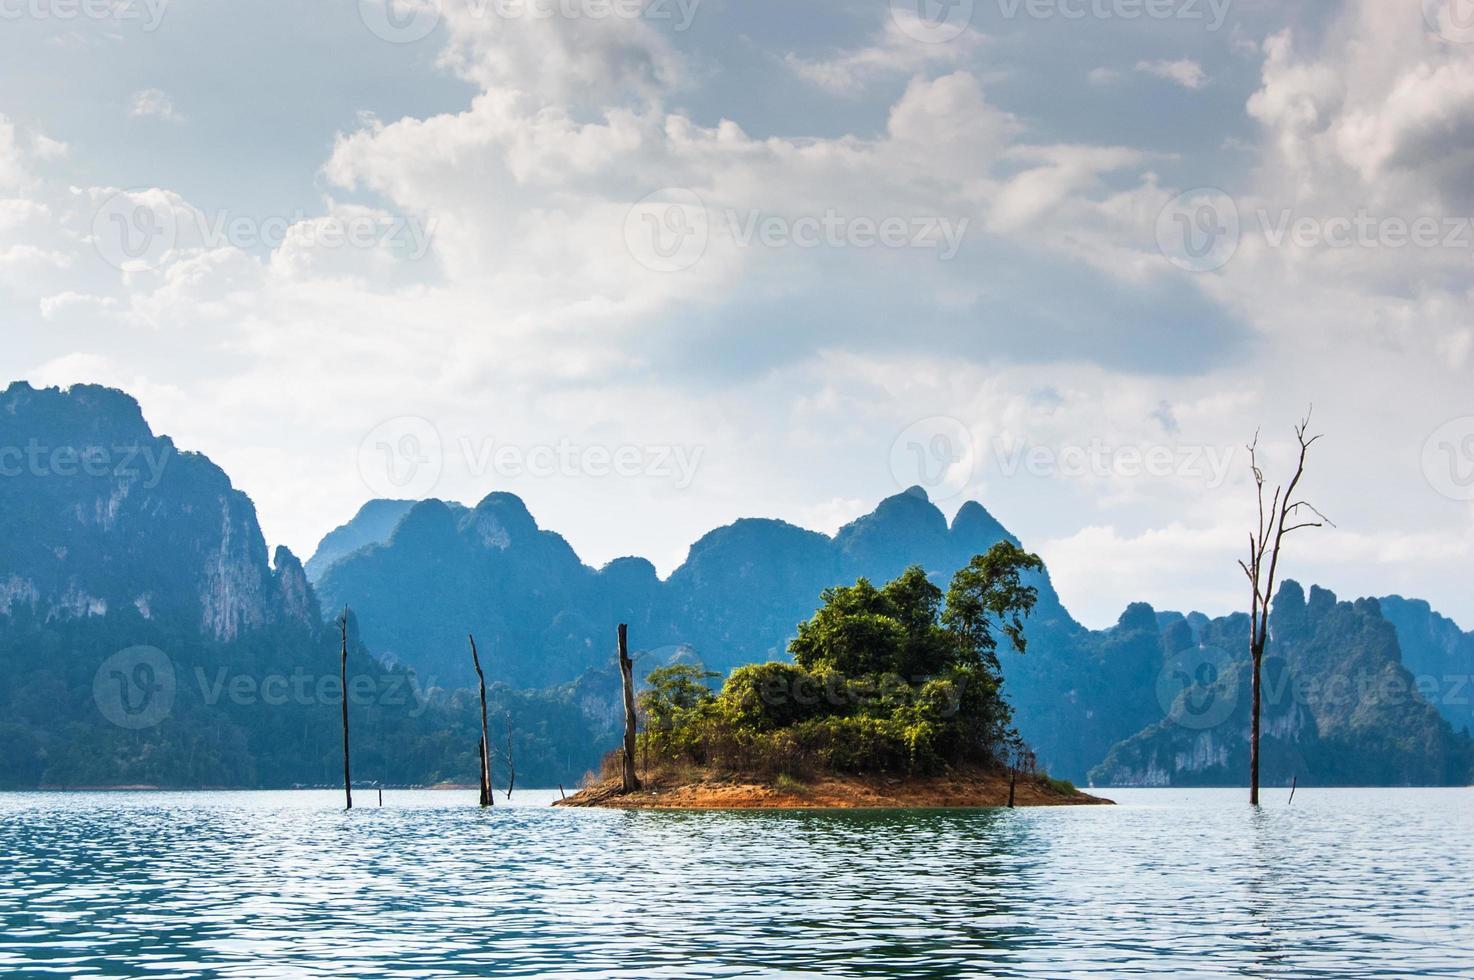 petite île, parc national de khao sok photo